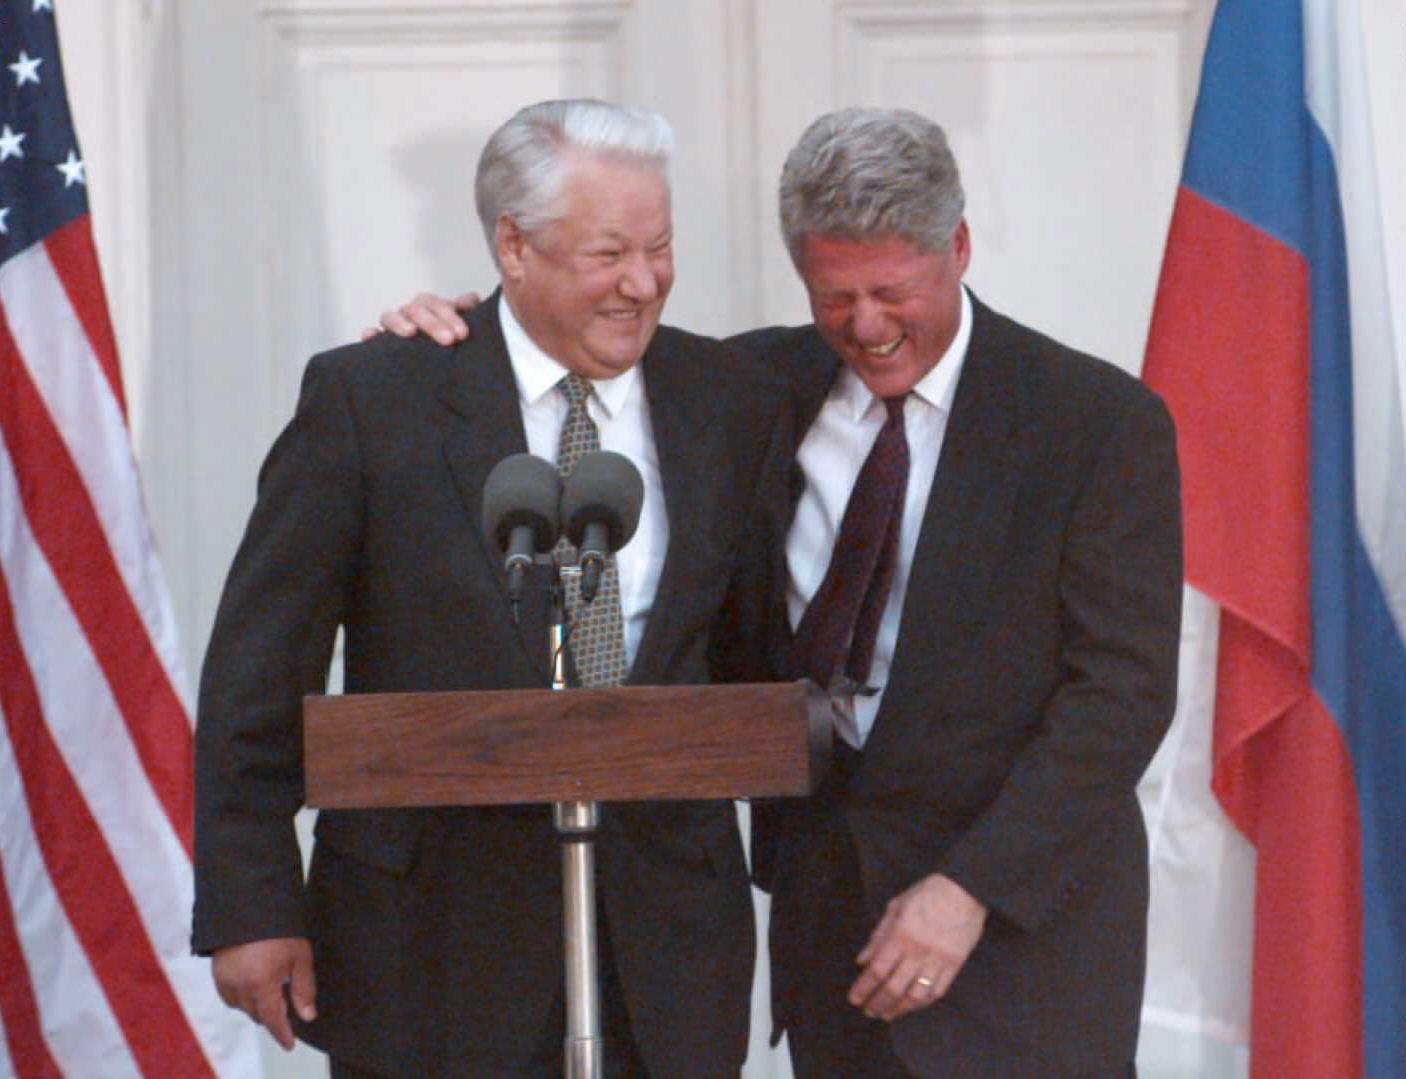 """""""Nem látok ebben mást, csak Oroszország megalázását"""" - mondta Jelcin Clintonnak a NATO-tagságunkról"""